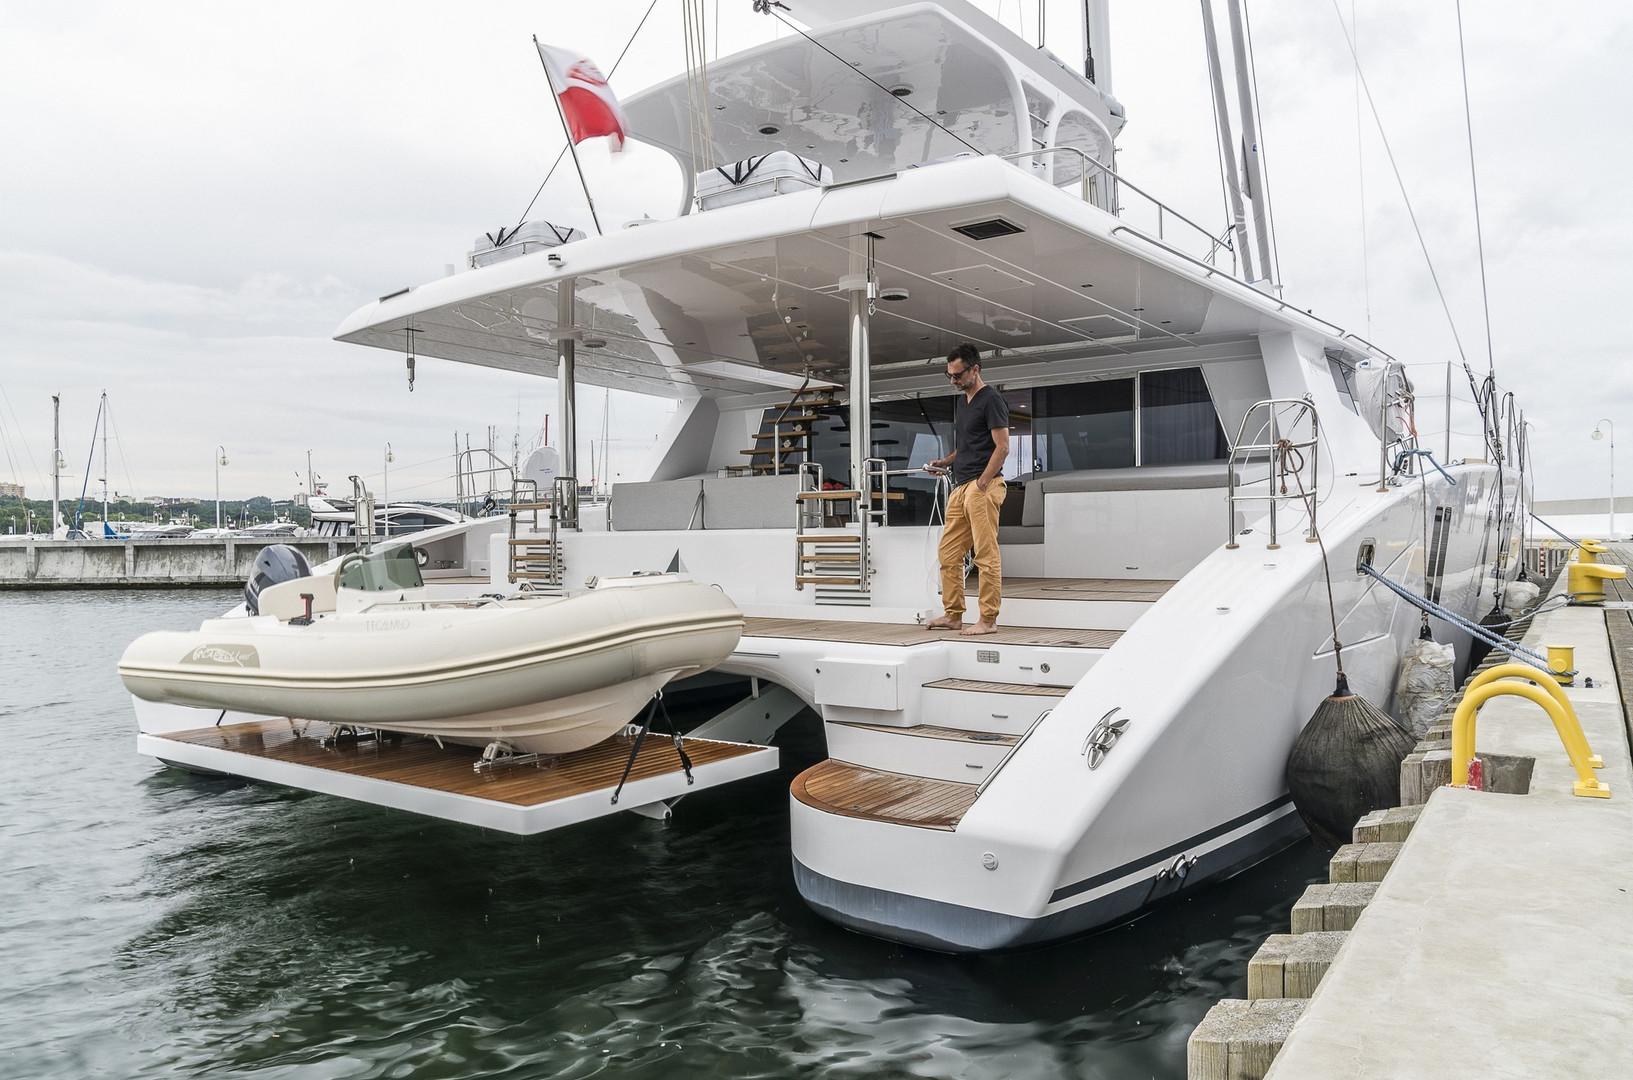 Yacht CALMAO - in port